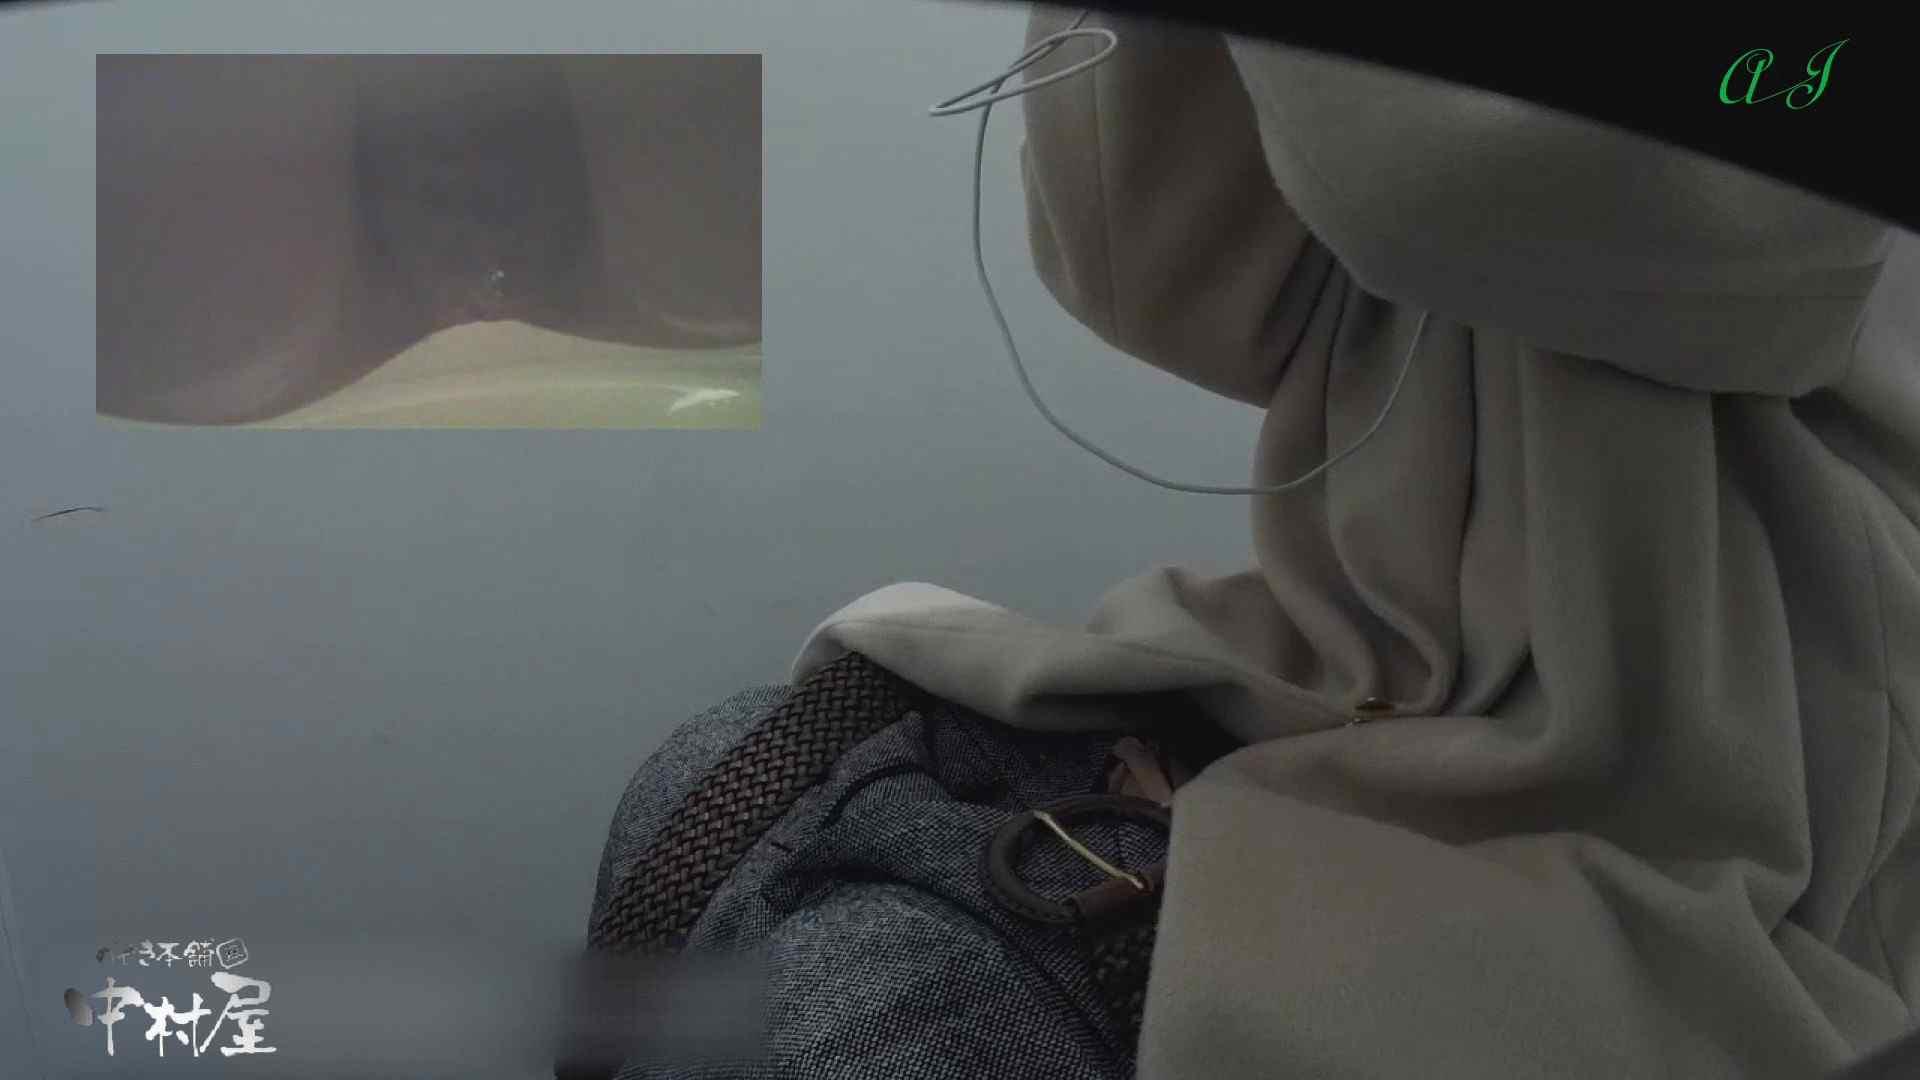 有名大学女性洗面所 vol.78 美女勢揃い 前編 潜入画像 | 人気シリーズ  74画像 60